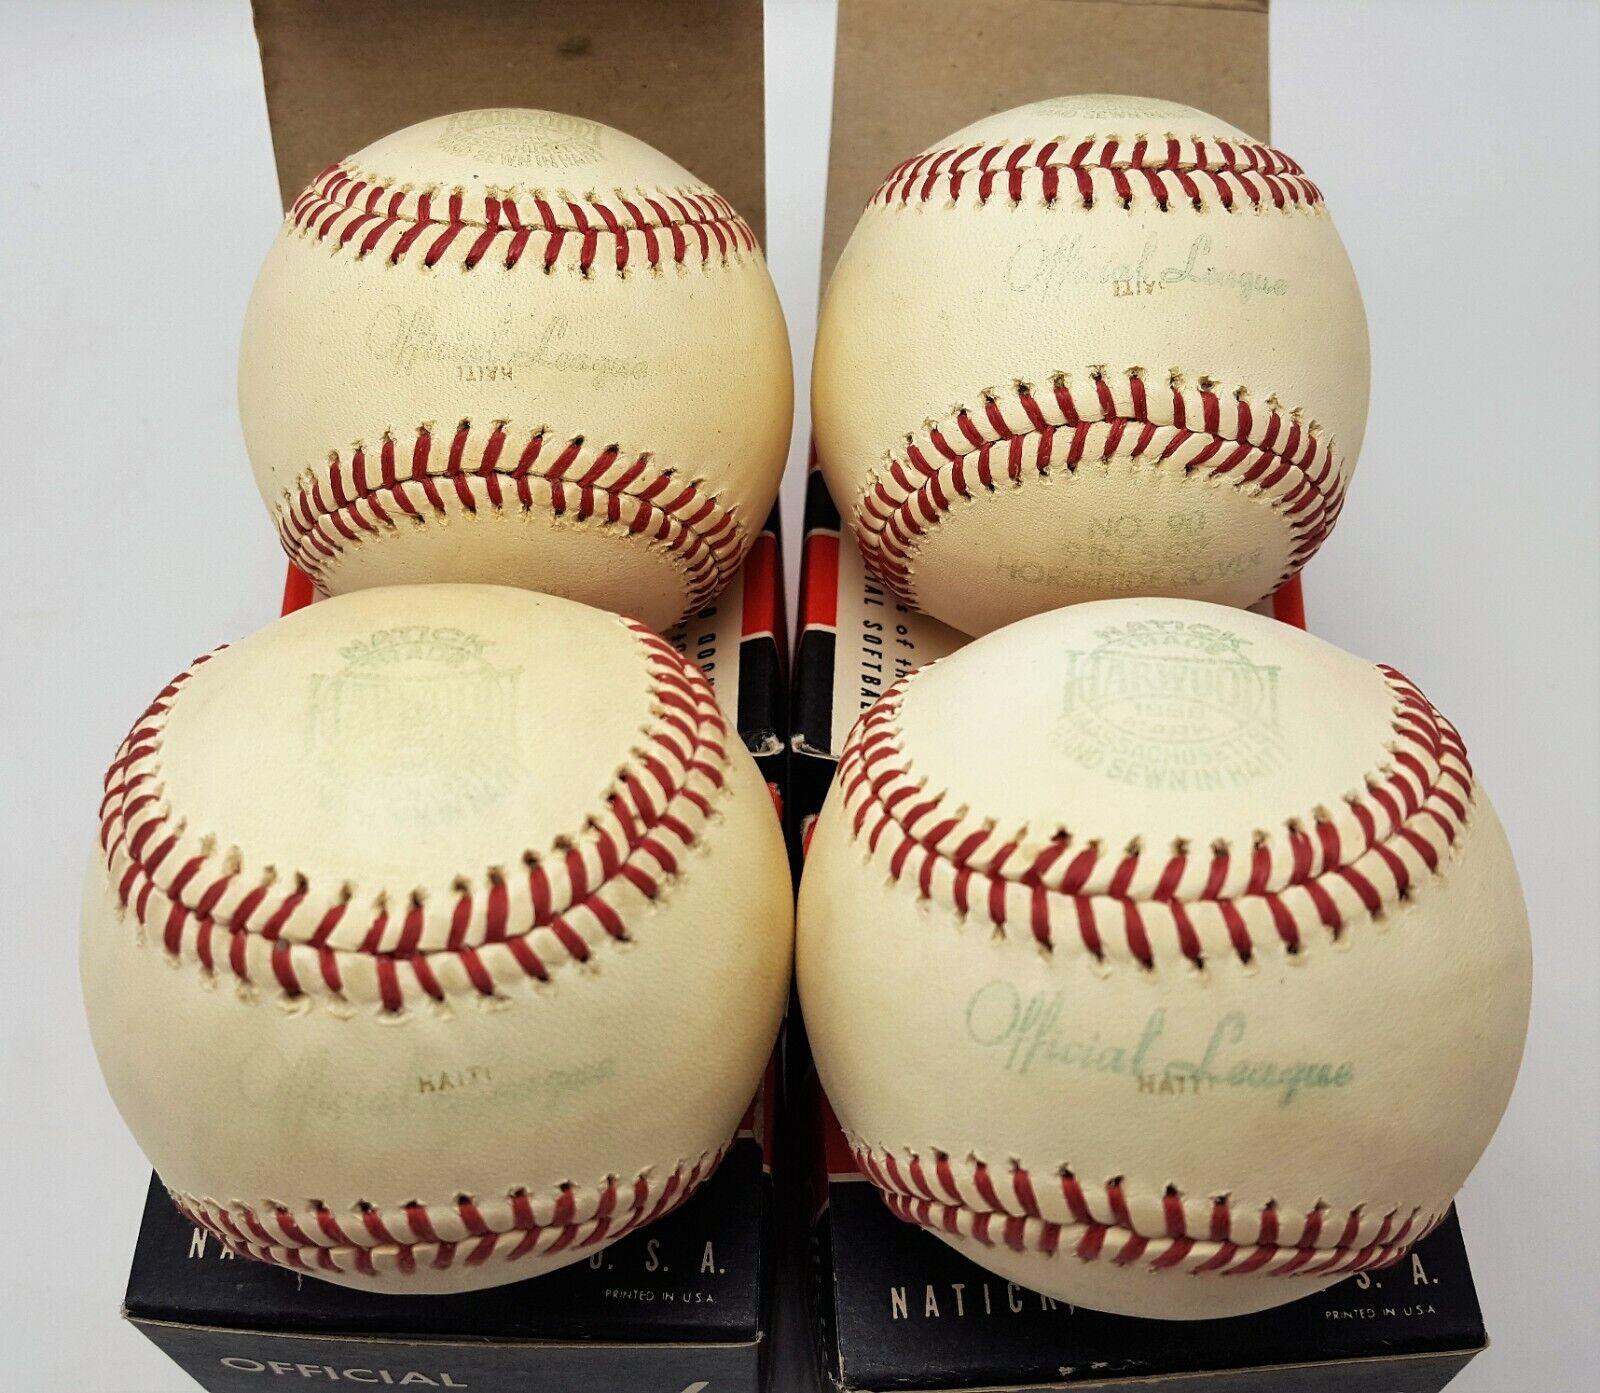 Vintage Nuevo NOS Lote de 4 N º 90 Oficial Harwood Baseballs en Cajas Originales